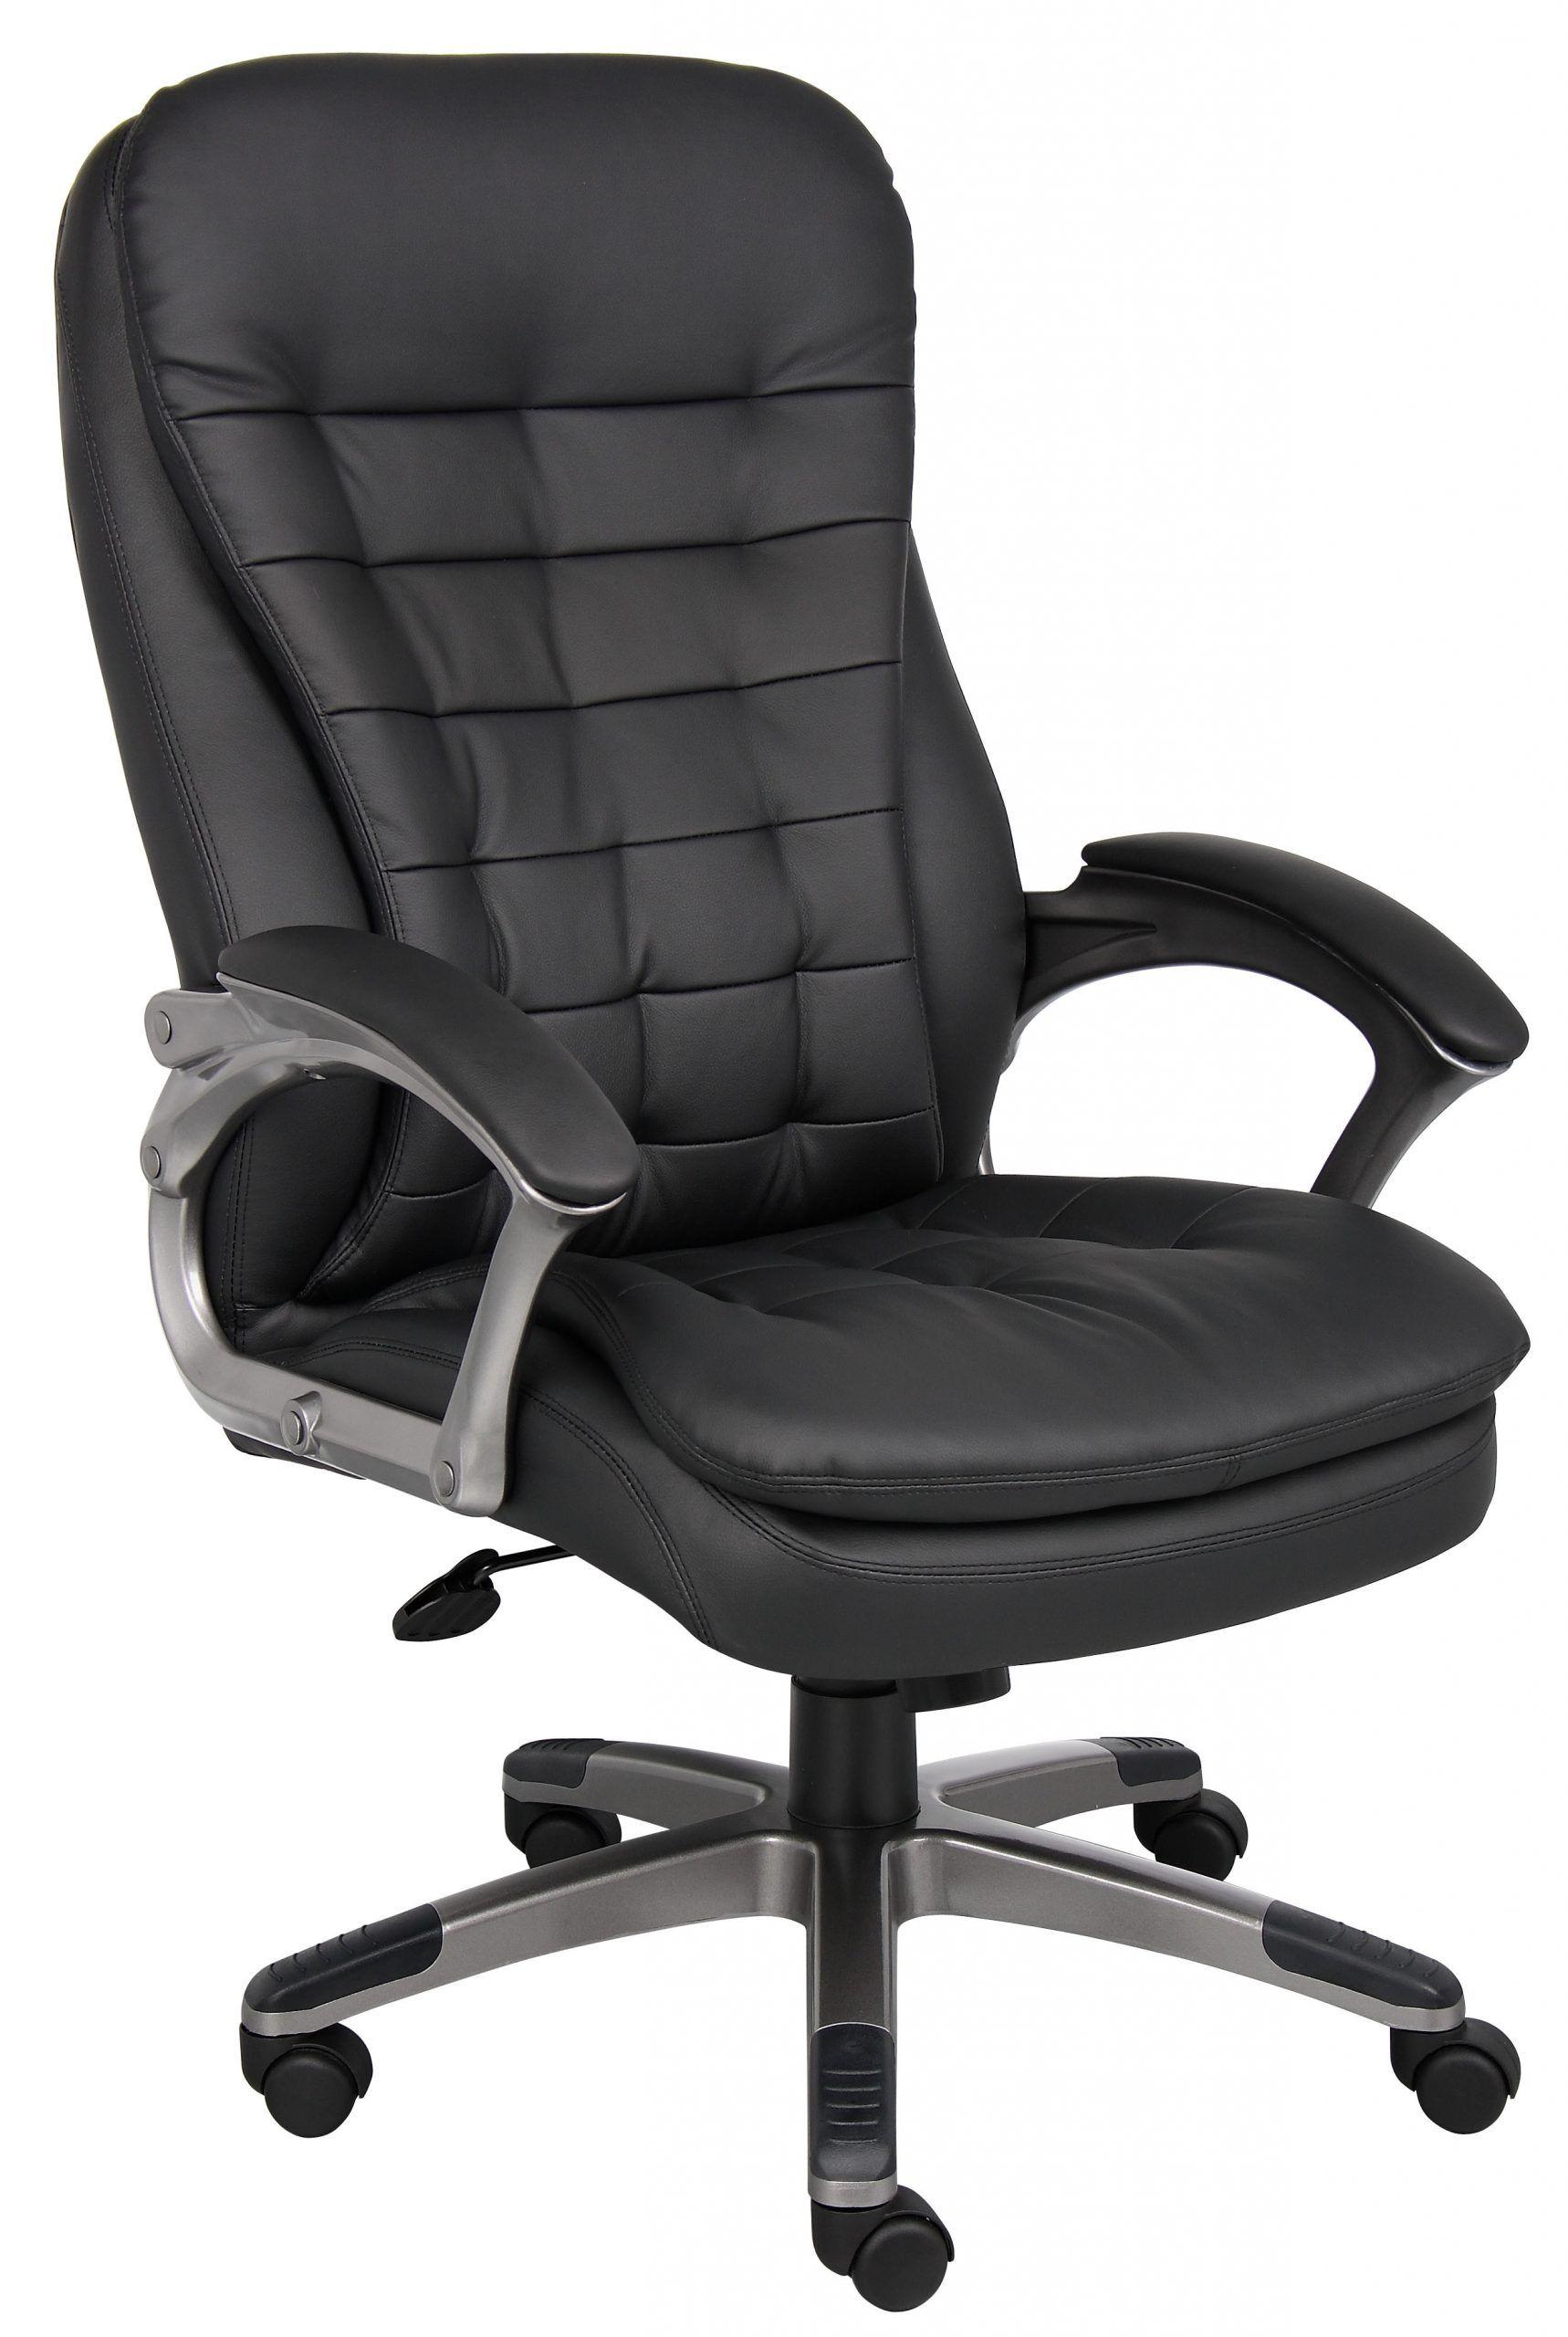 Office Chair Cushion Walmart 2020 In 2020 Office Chair Cushion Executive Chair Chair Cushions Walmart